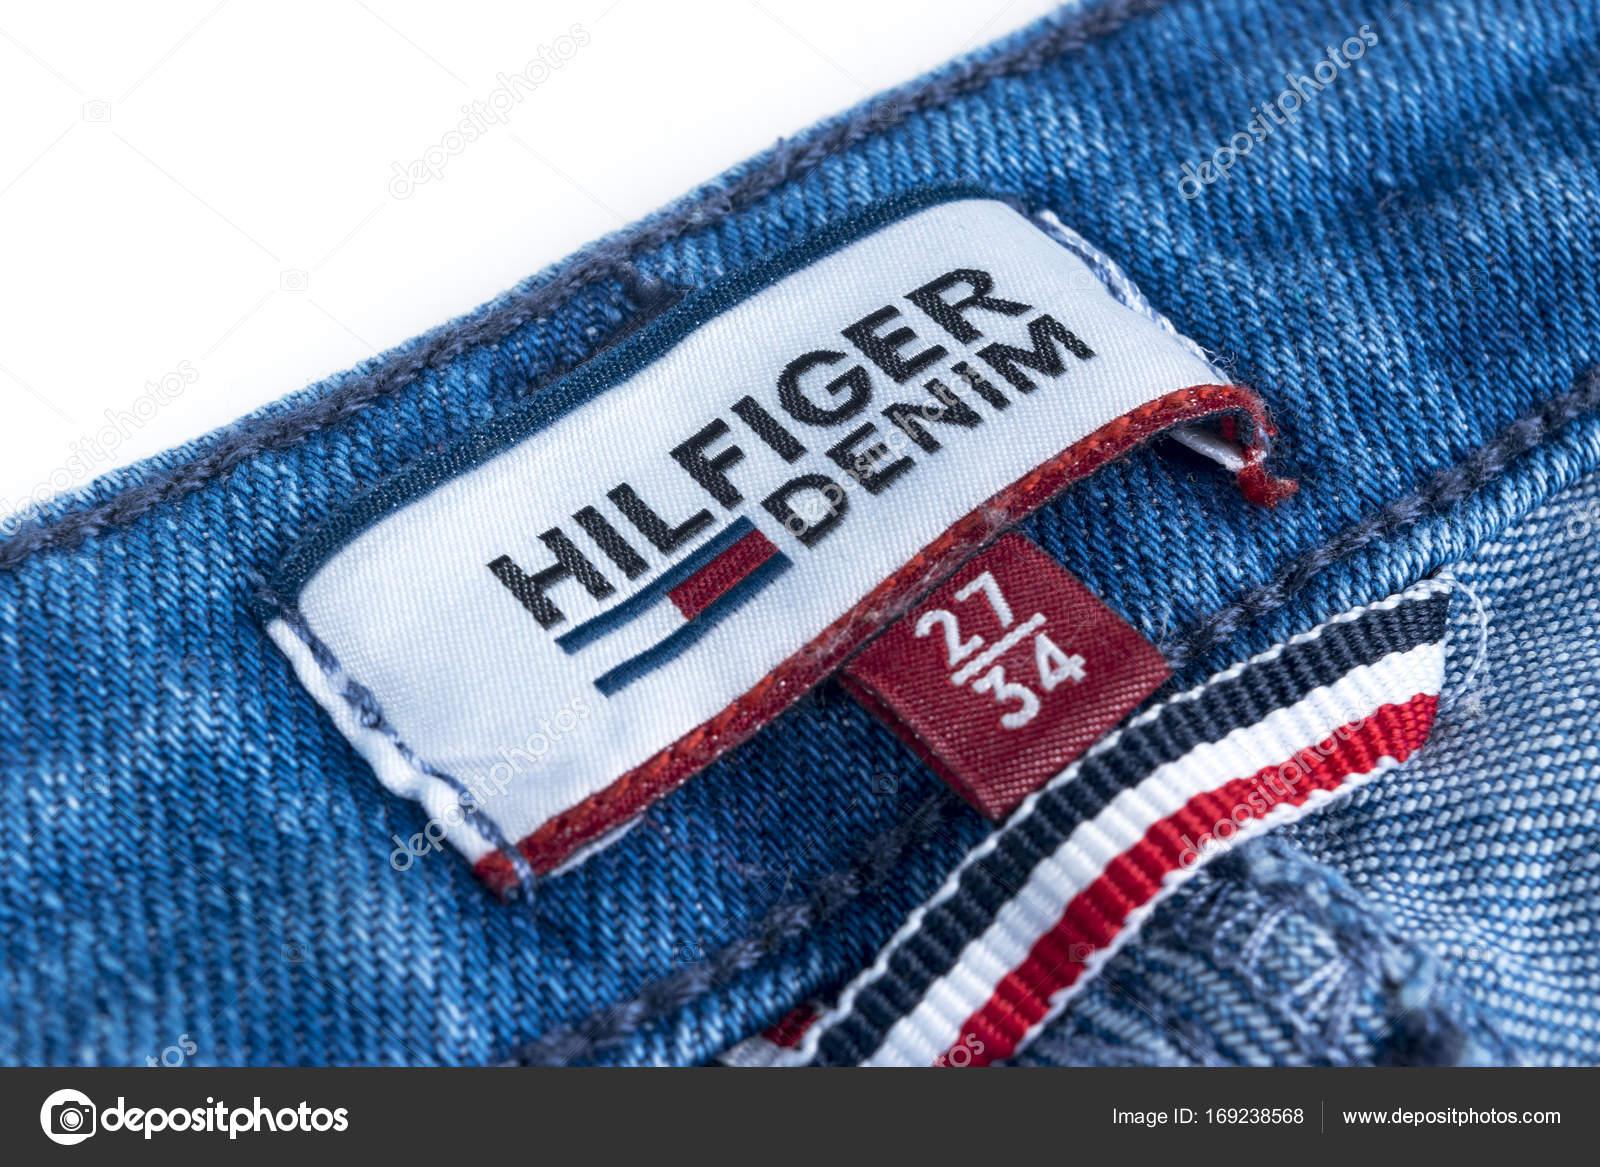 693567f13814 Κοντινό πλάνο του Tommy Hilfiger ετικέτα σε μπλε τζιν. Tommy ...